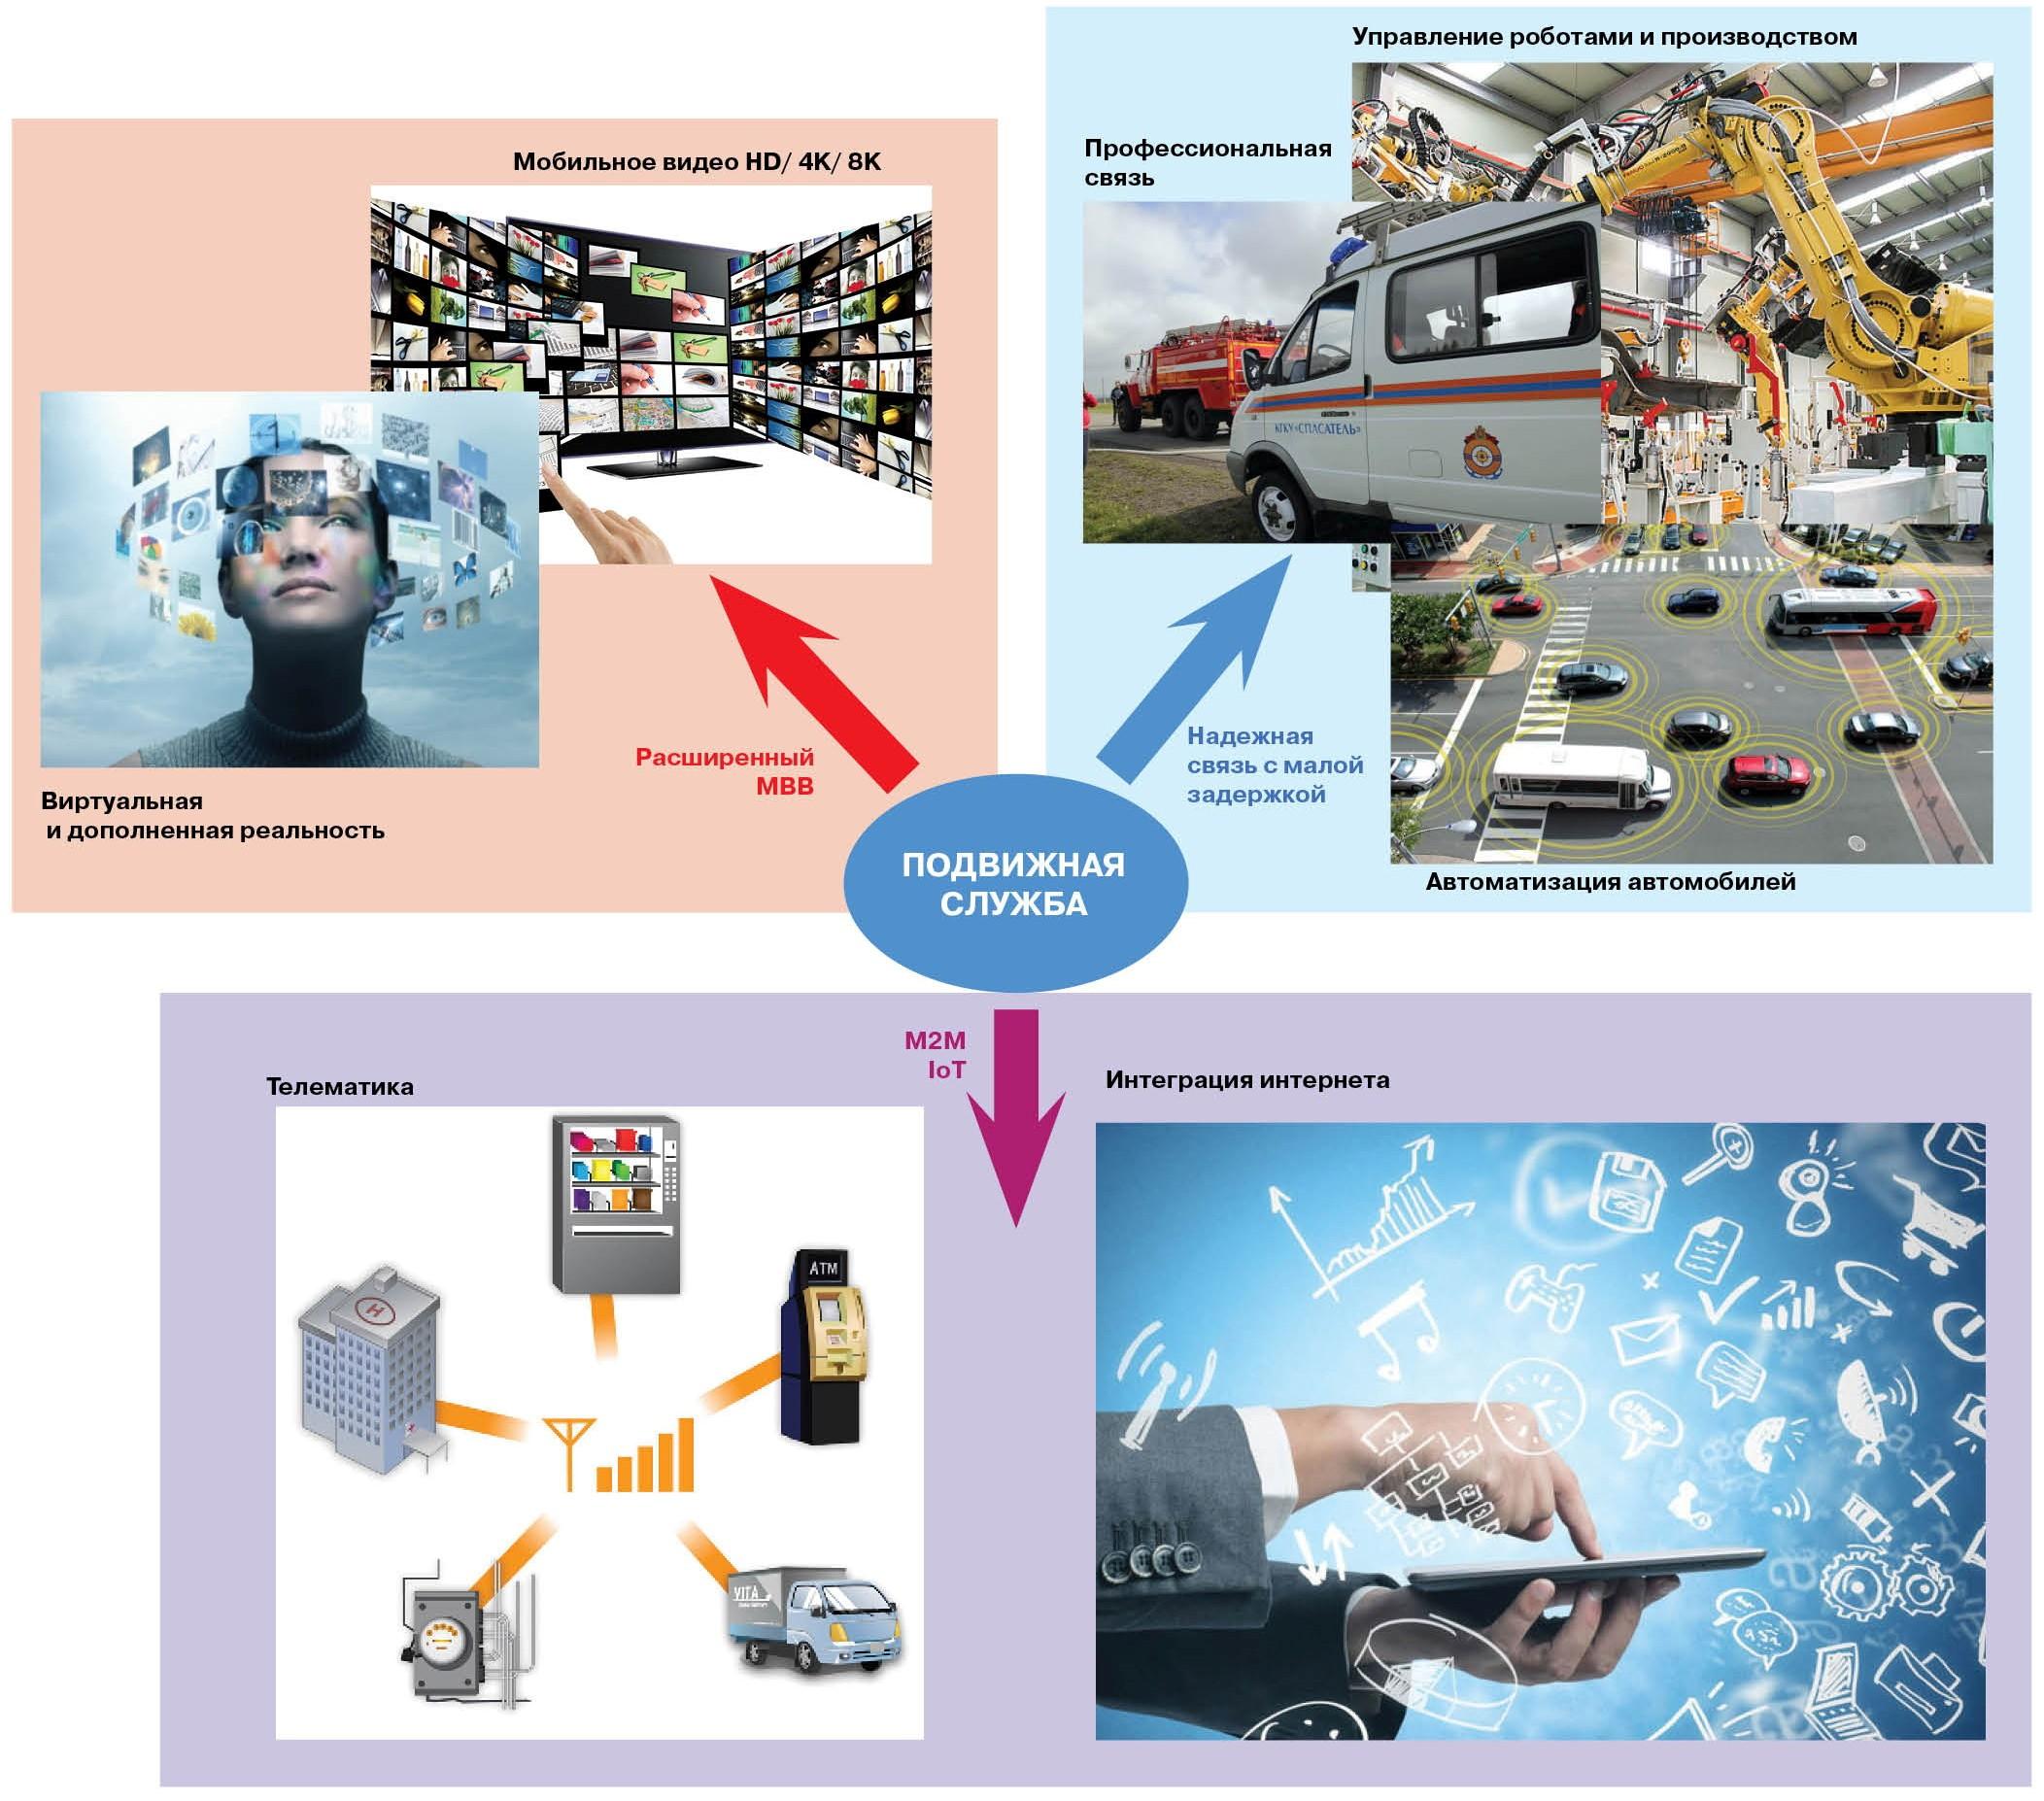 Рисунок 1. Основные направления развития услуг и радиоинтерфейсов в сетях5G/IMT-2020